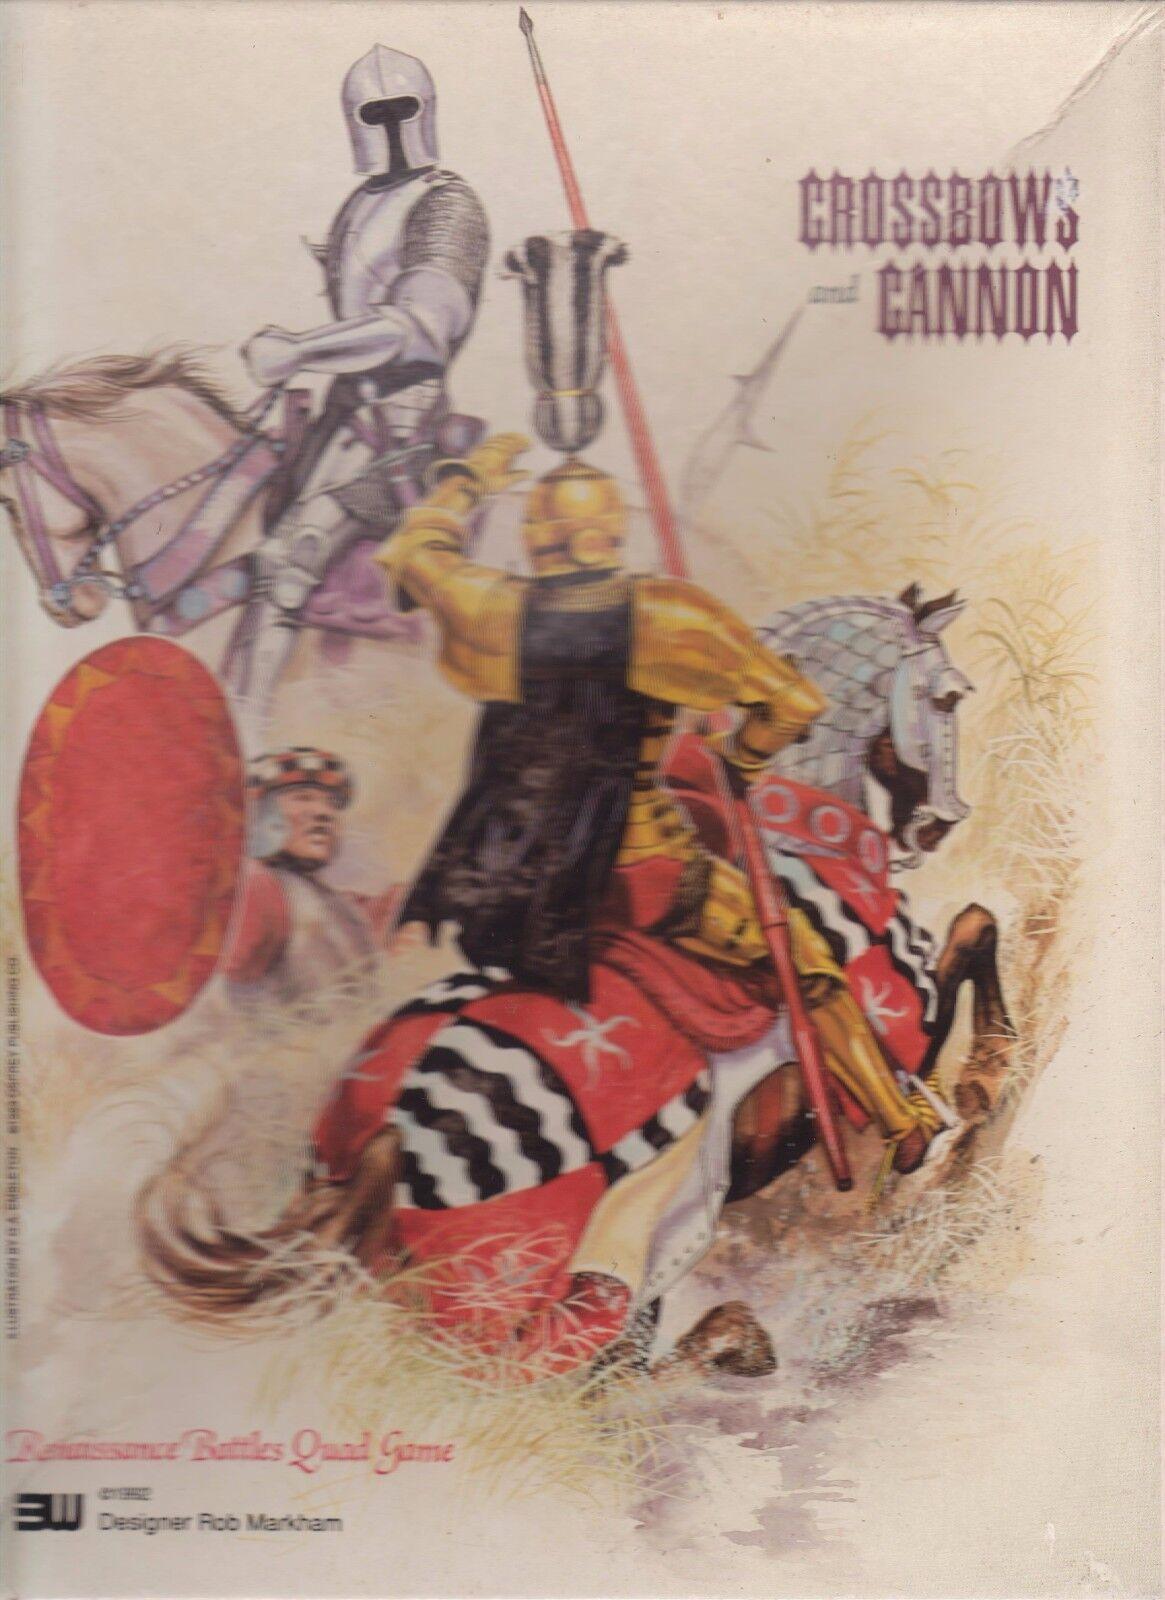 Crossbows and Cannon  Board Game Wargame Strategy RPG gioco da tavolo 3W